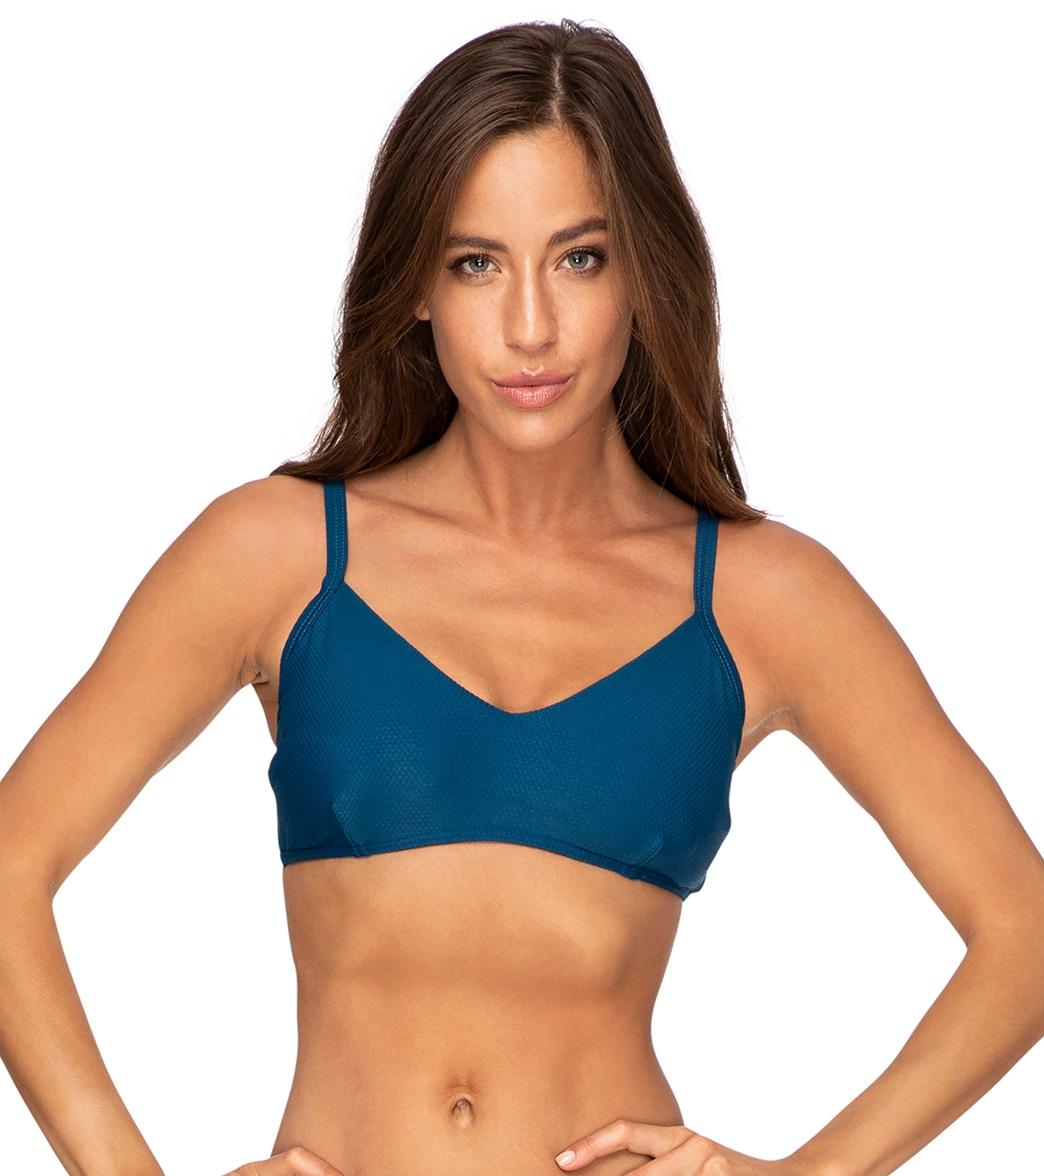 Azura Women's Pique Bralette Bikini Top Dd/E Cup